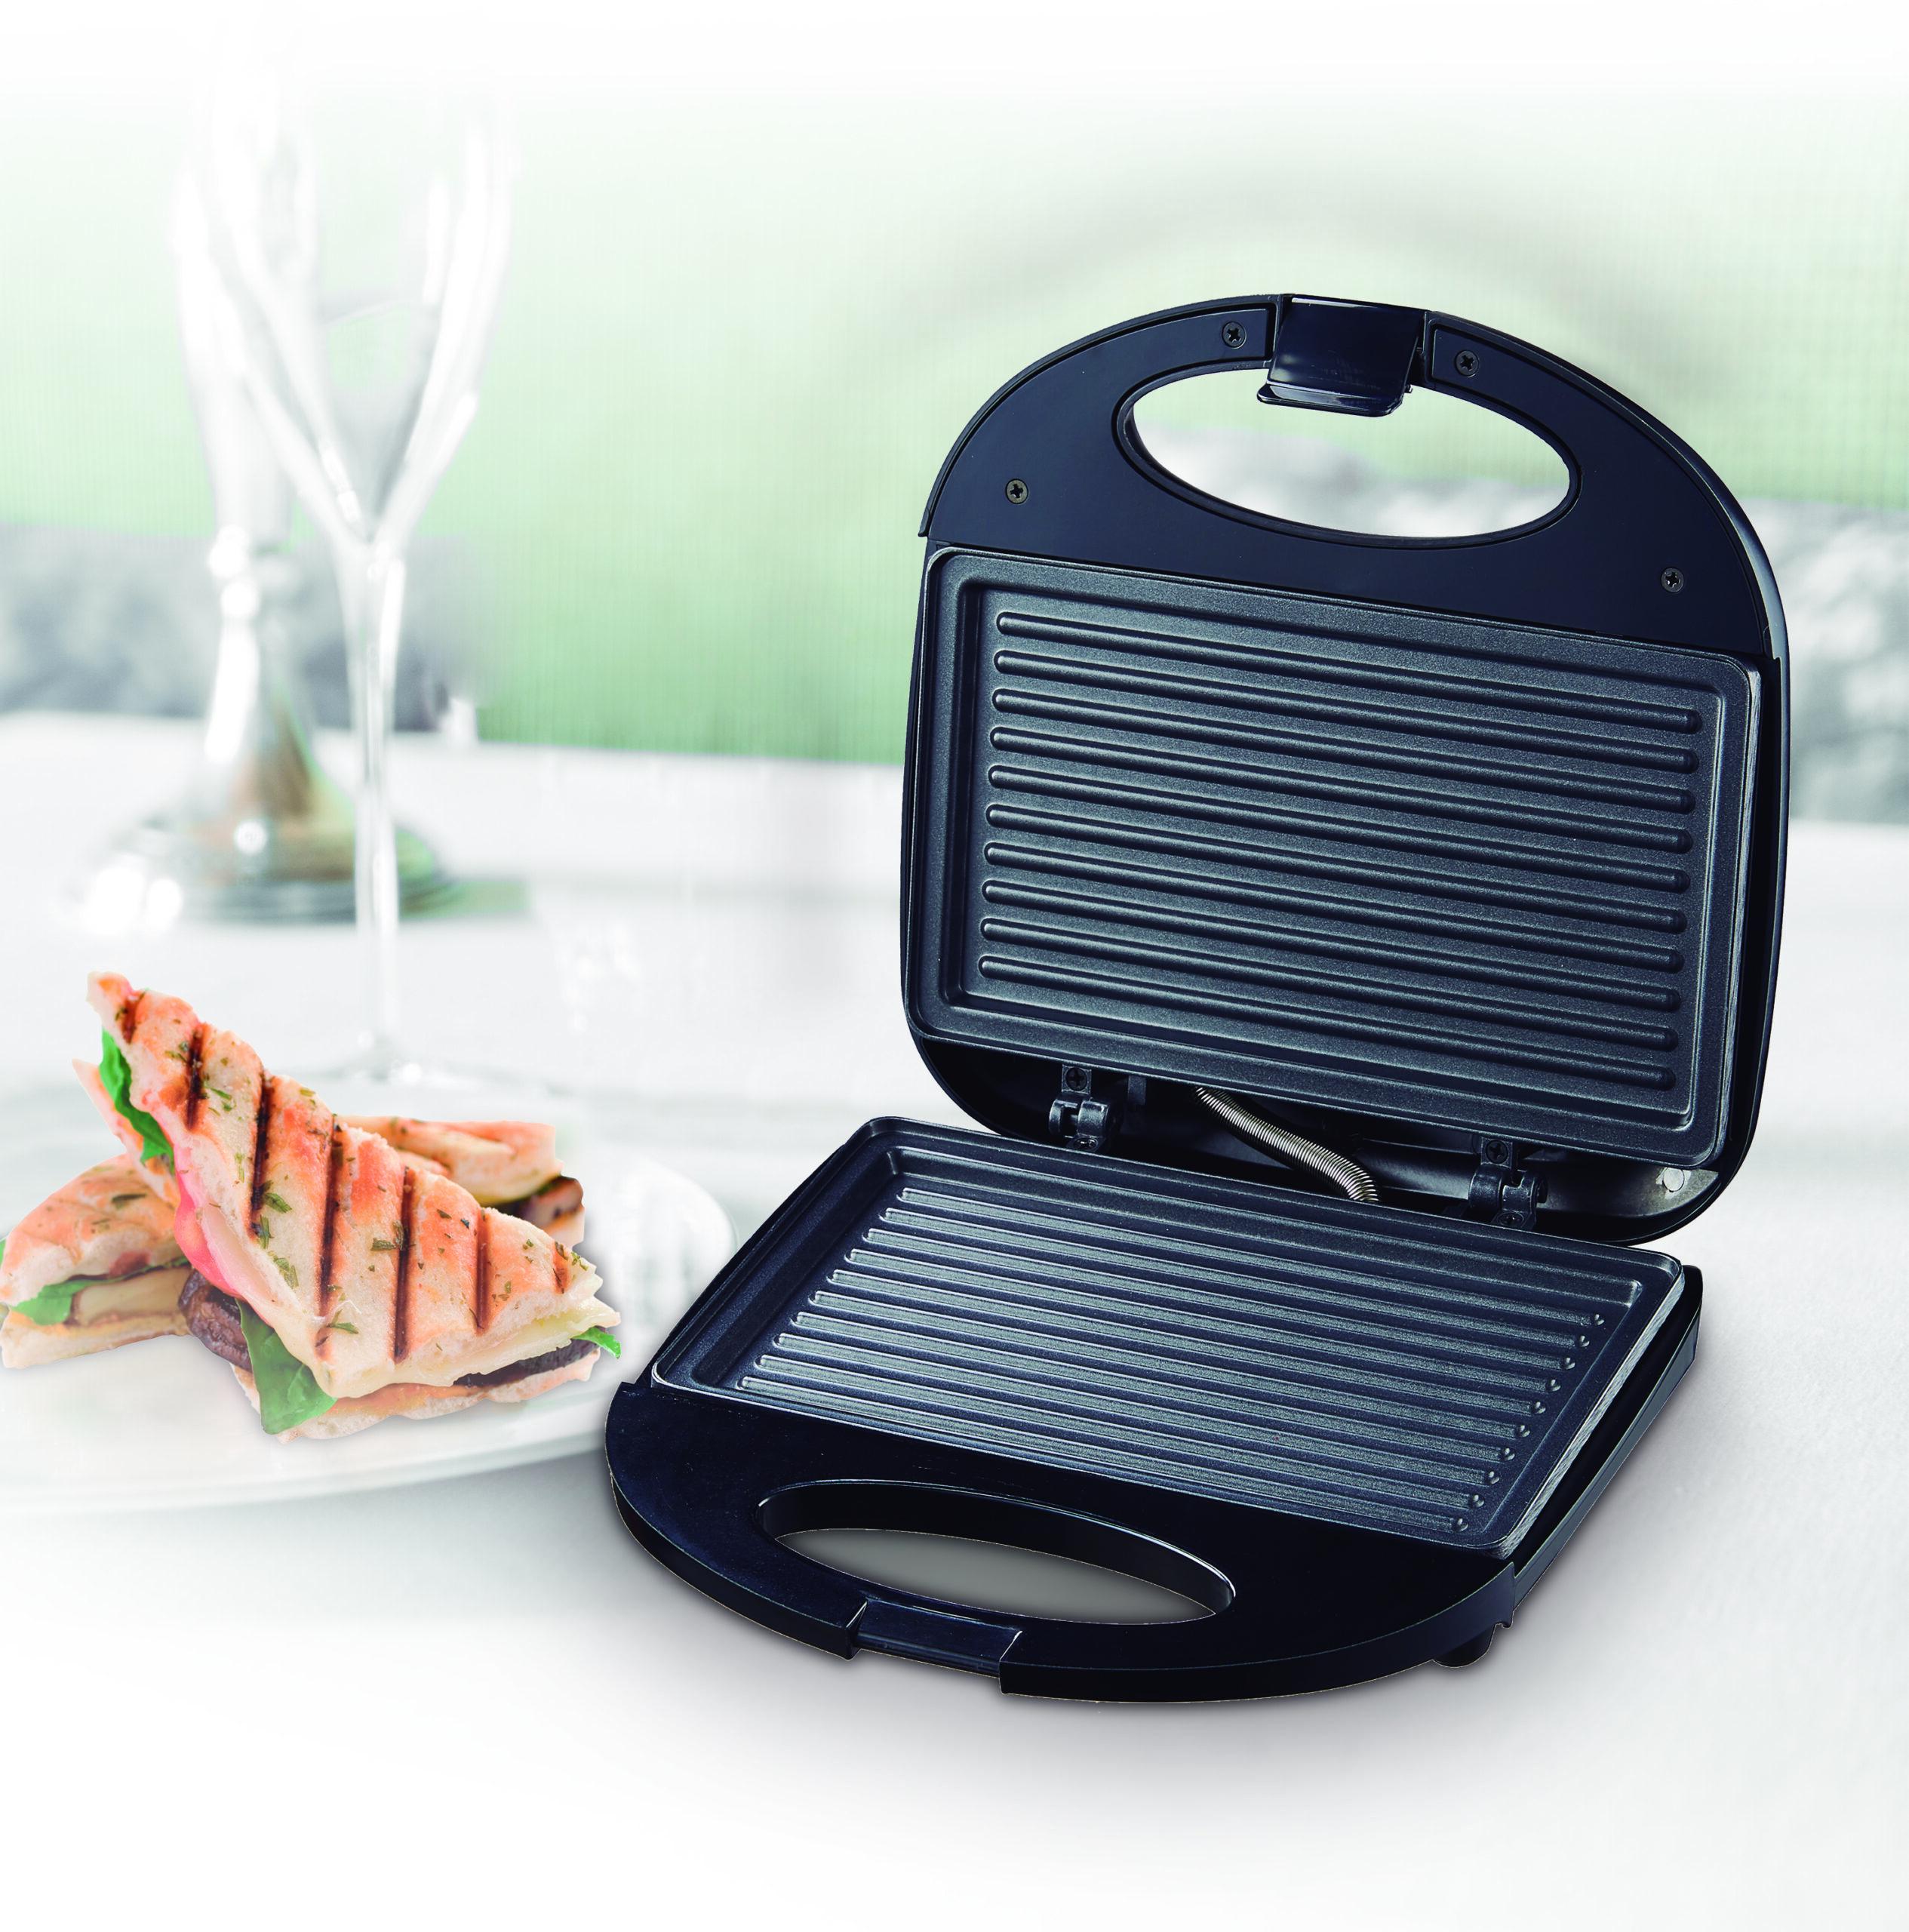 Sandwichera 750W grill BN3395